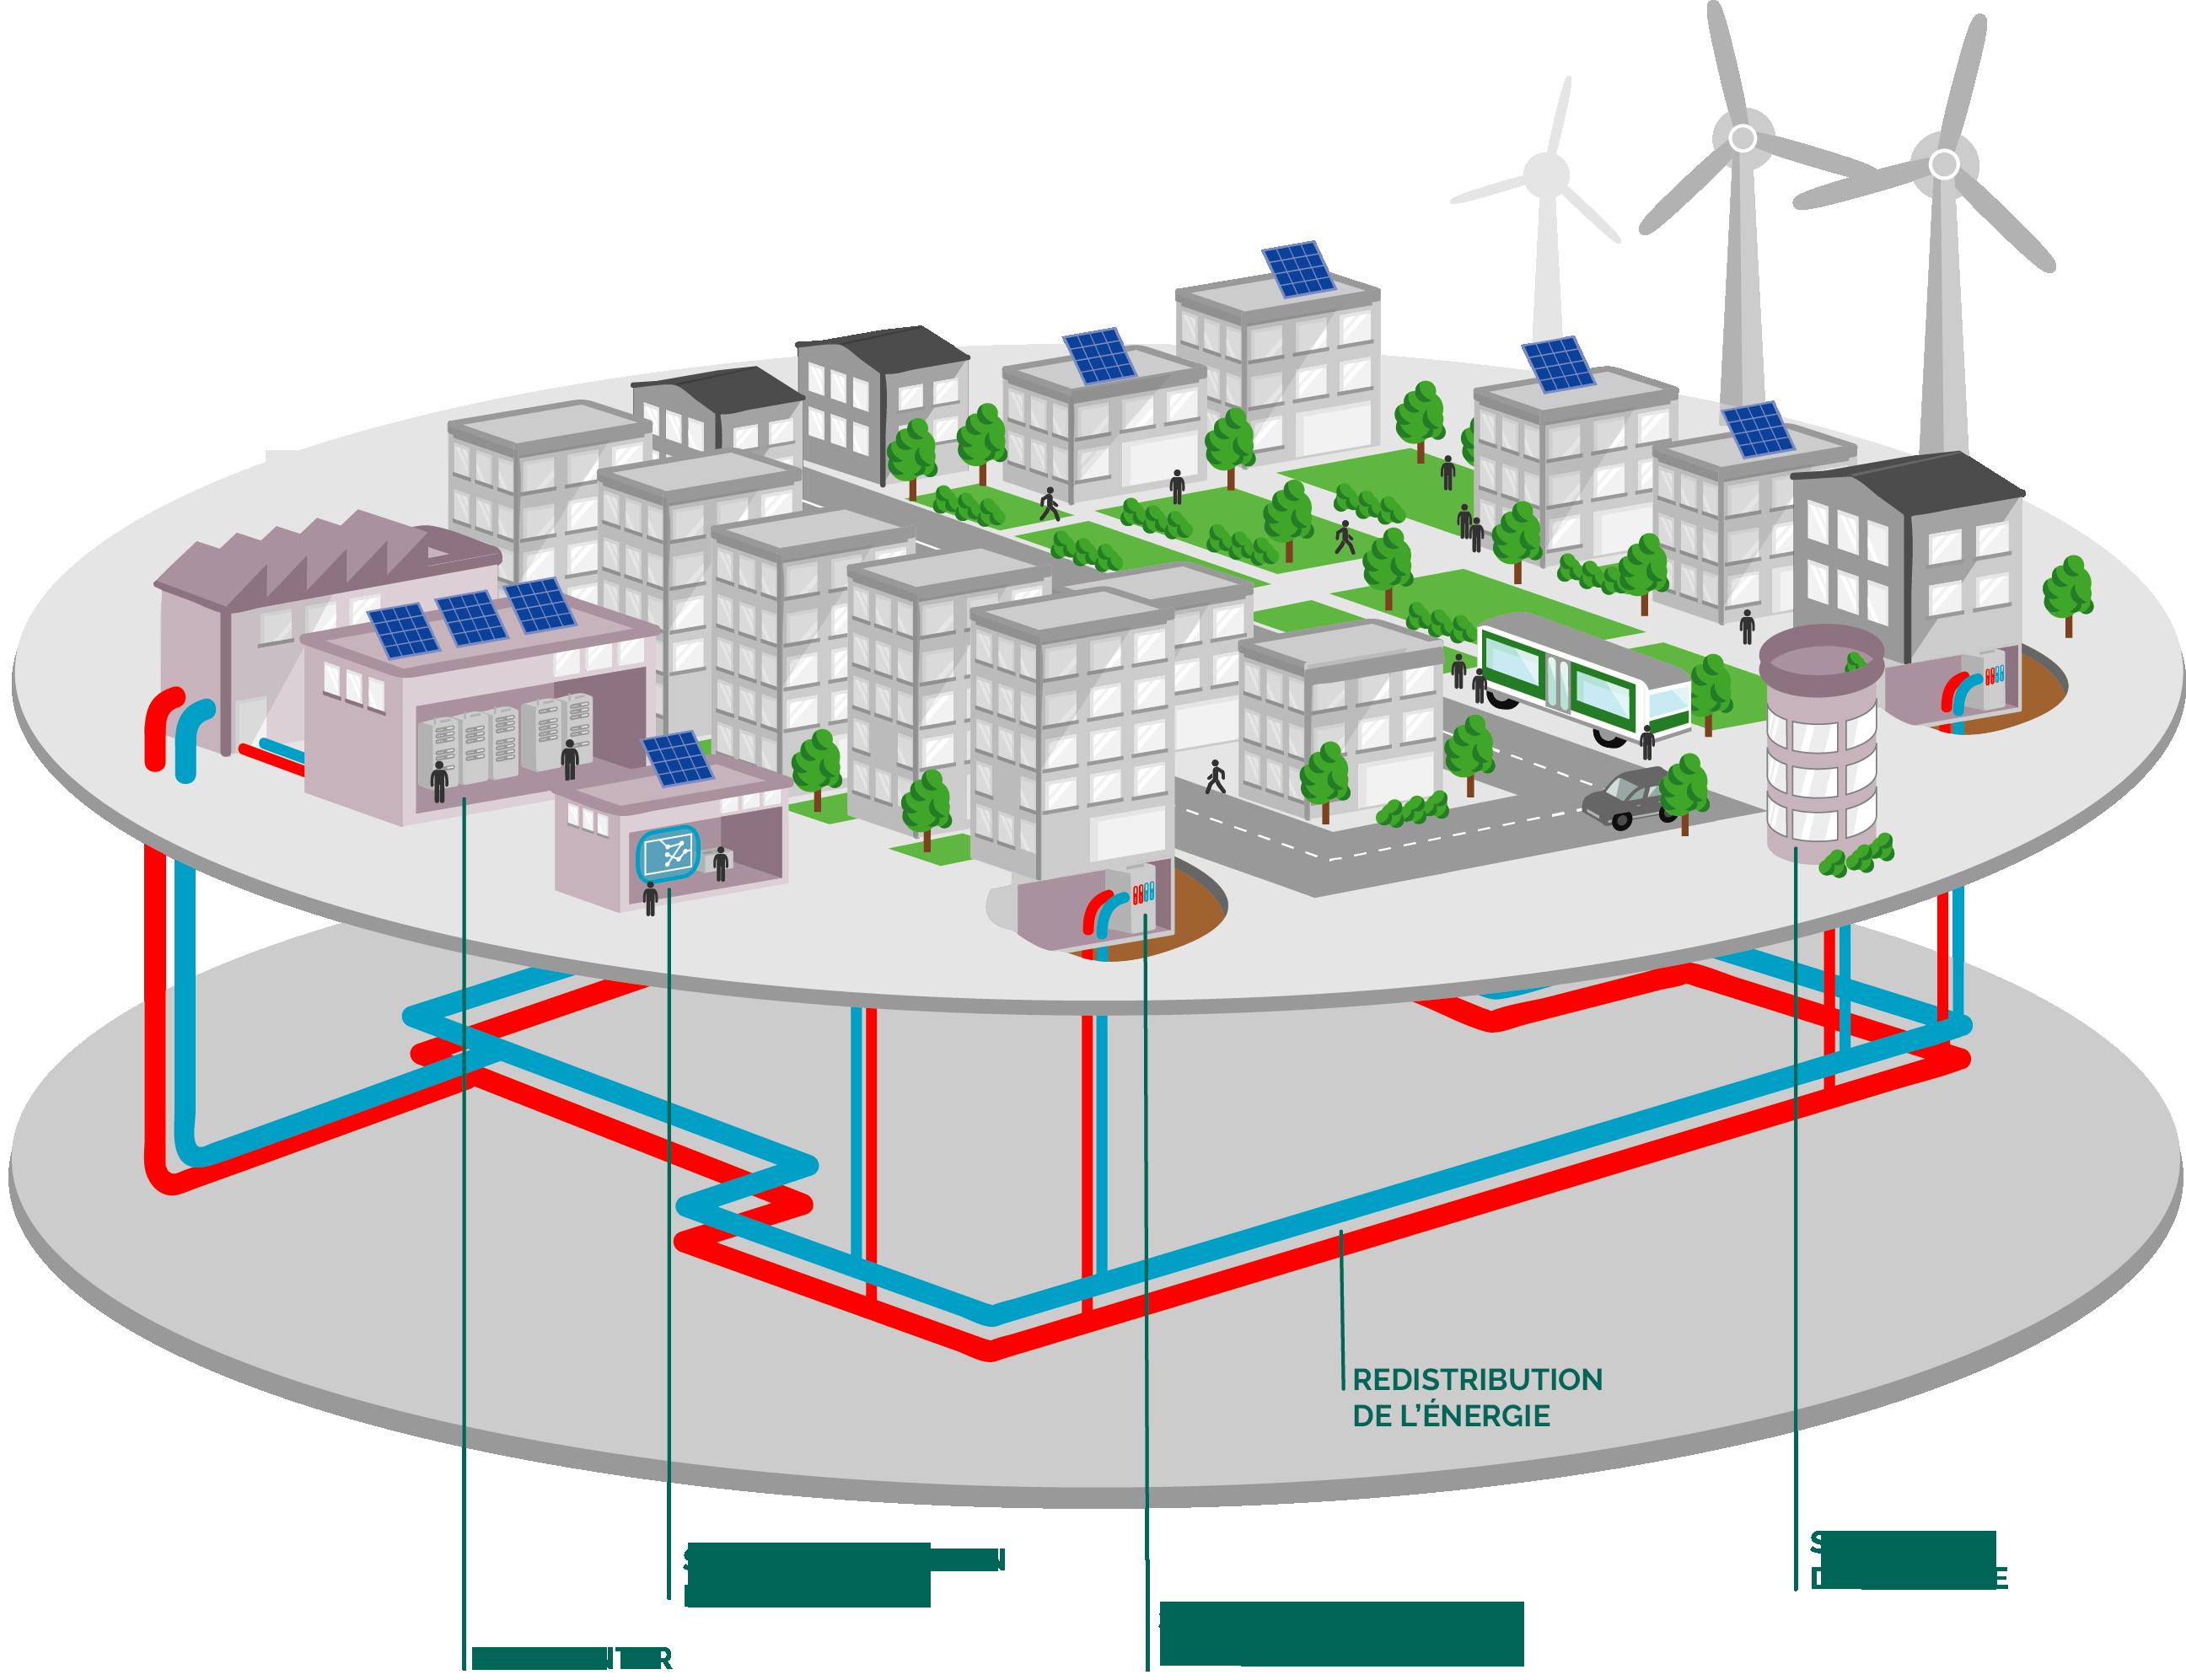 Système de redistribution de l'énergie des data centers